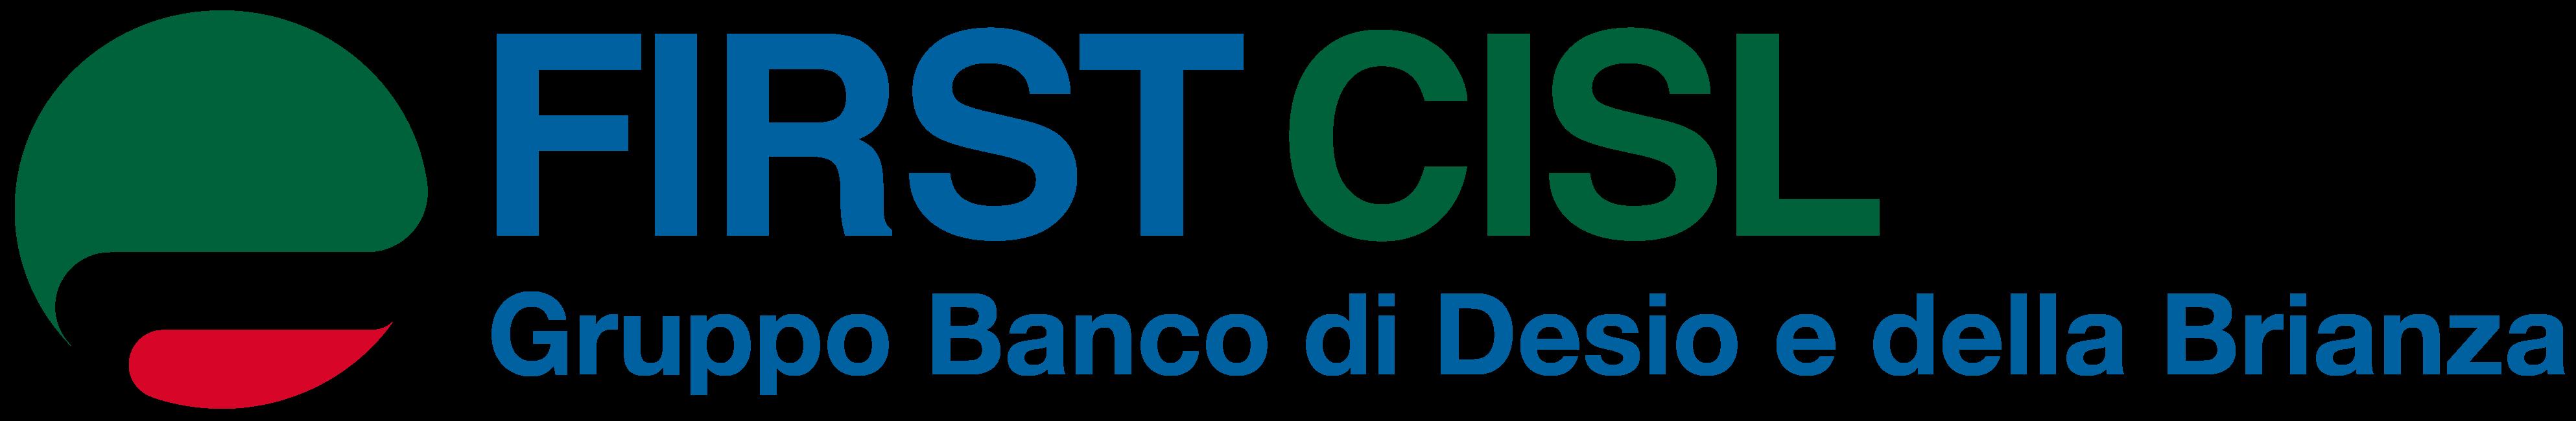 FIRST Gruppo Banco Desio